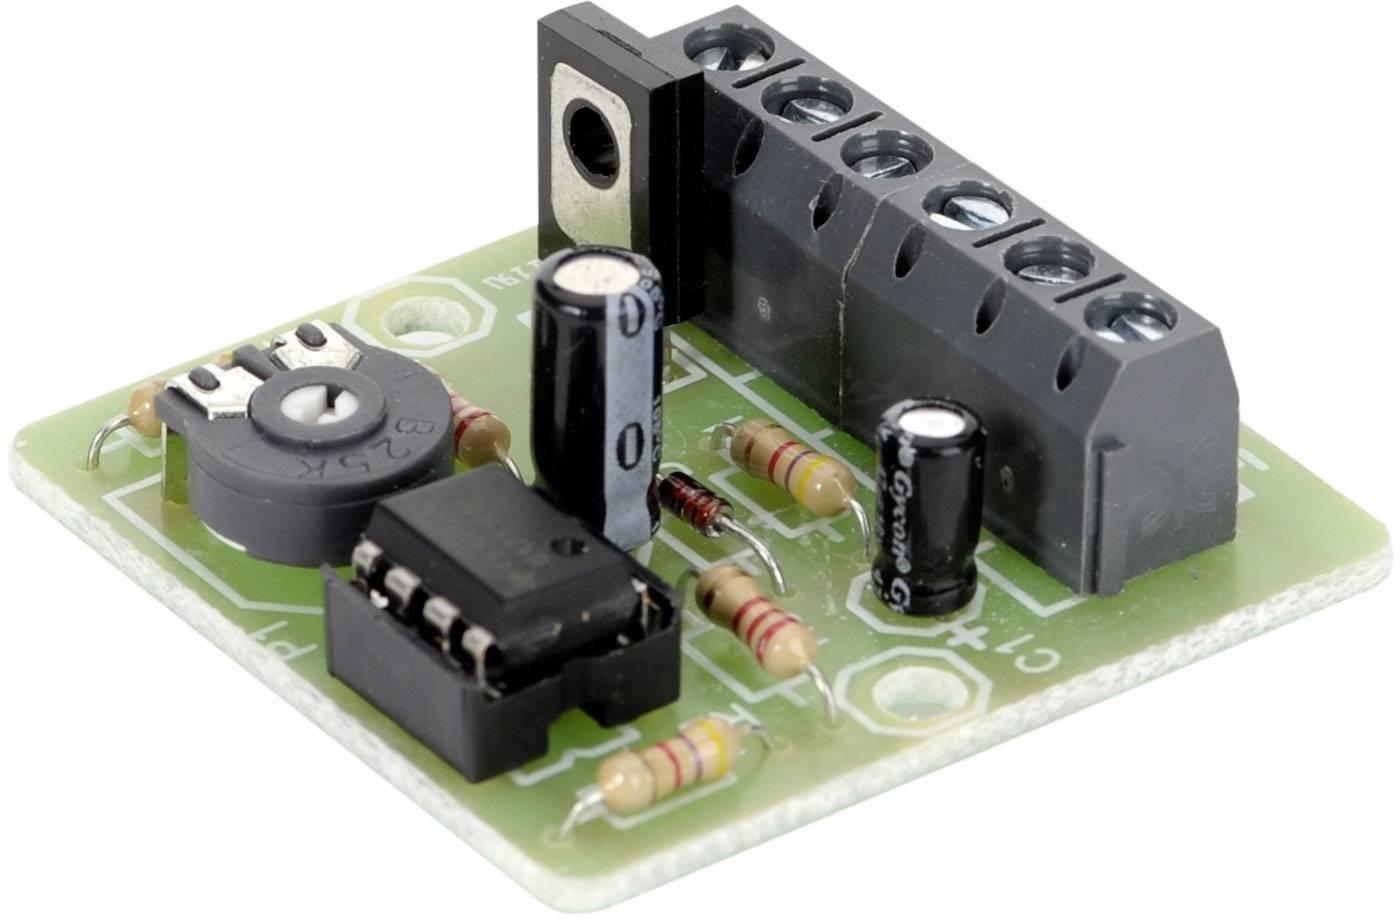 Teplotně řízená regulace ventilátoru, 12 V/DC (stavebnice)